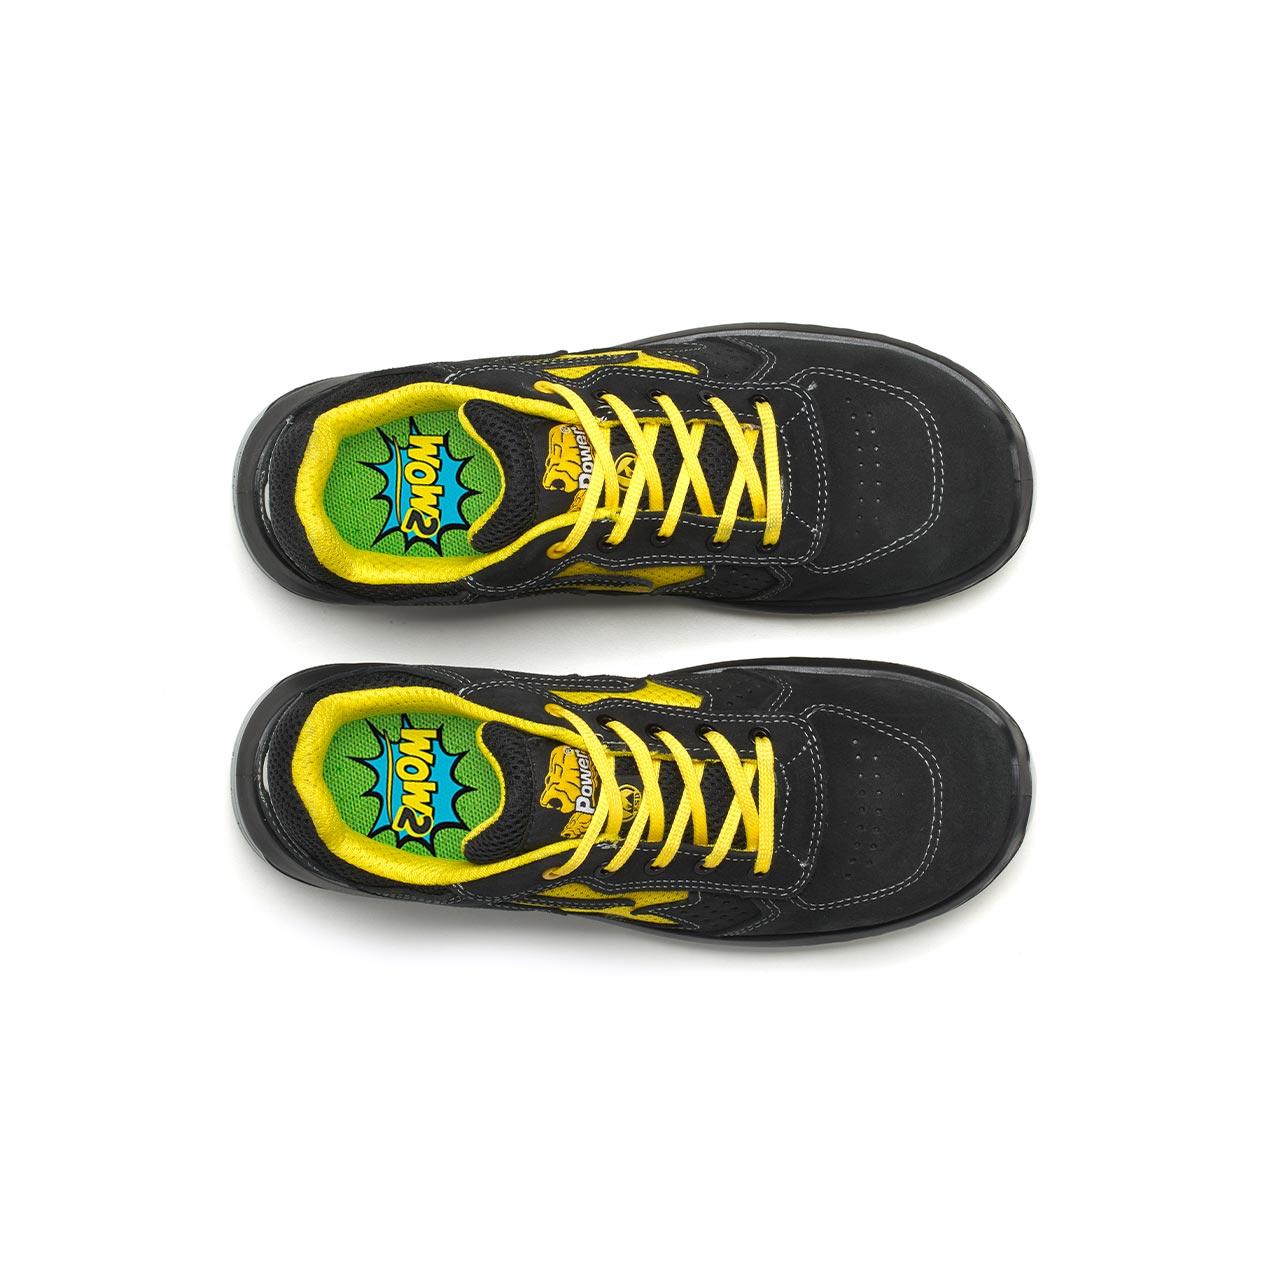 paio di scarpe antinfortunistiche upower modello vortix linea redindustry vista top